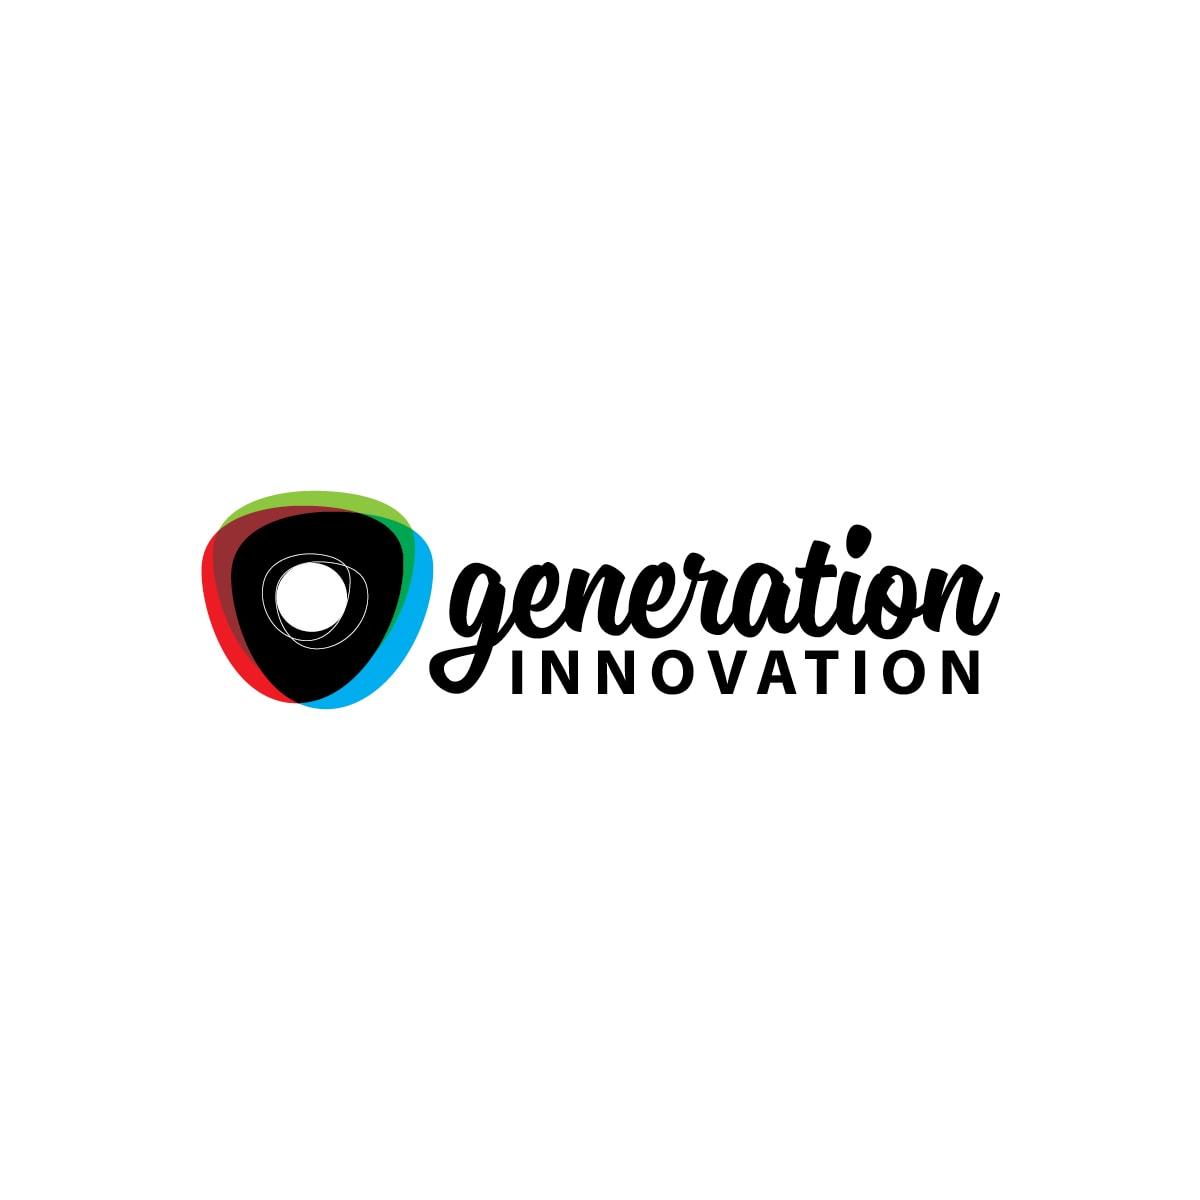 Logo Design Generation Innovation